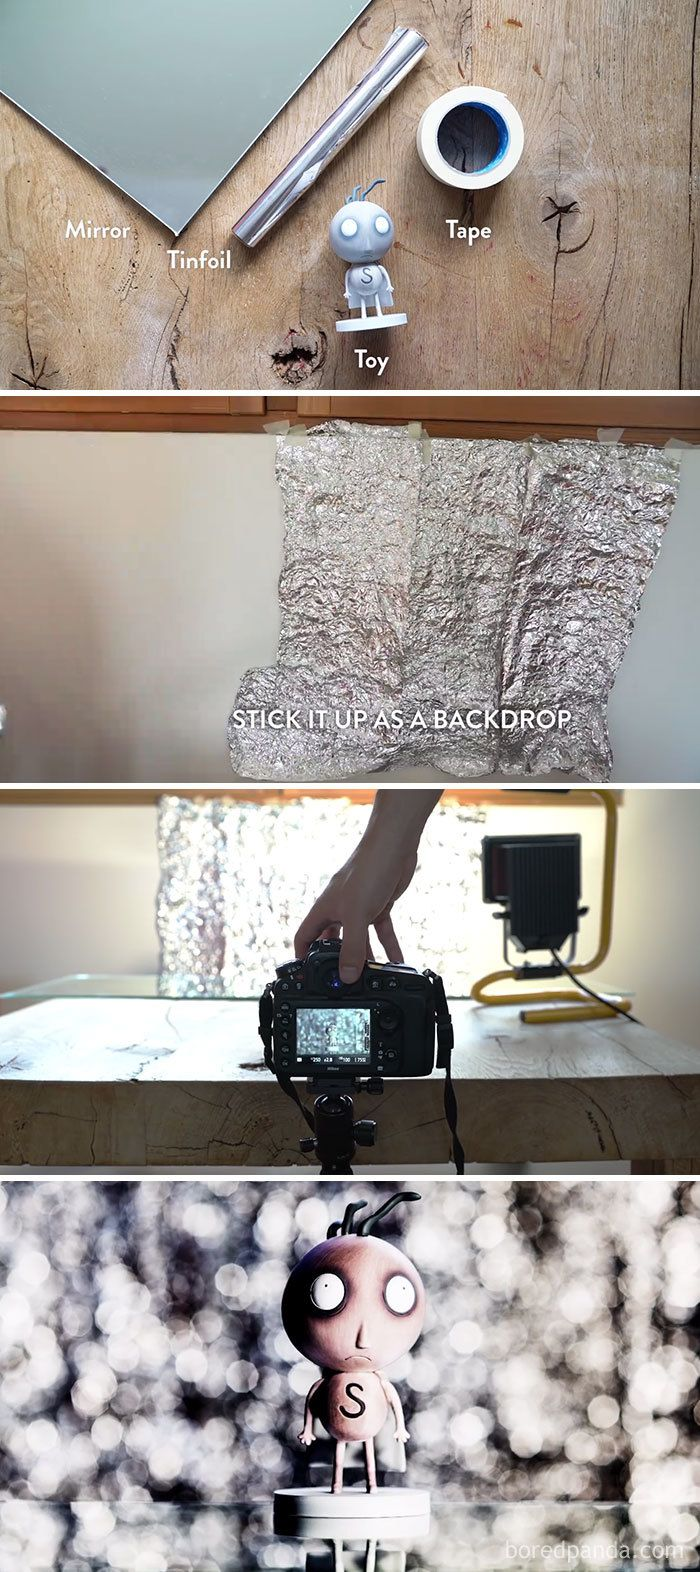 ترفندها و حقه های جالب عکاسی با دوربین وموبایل